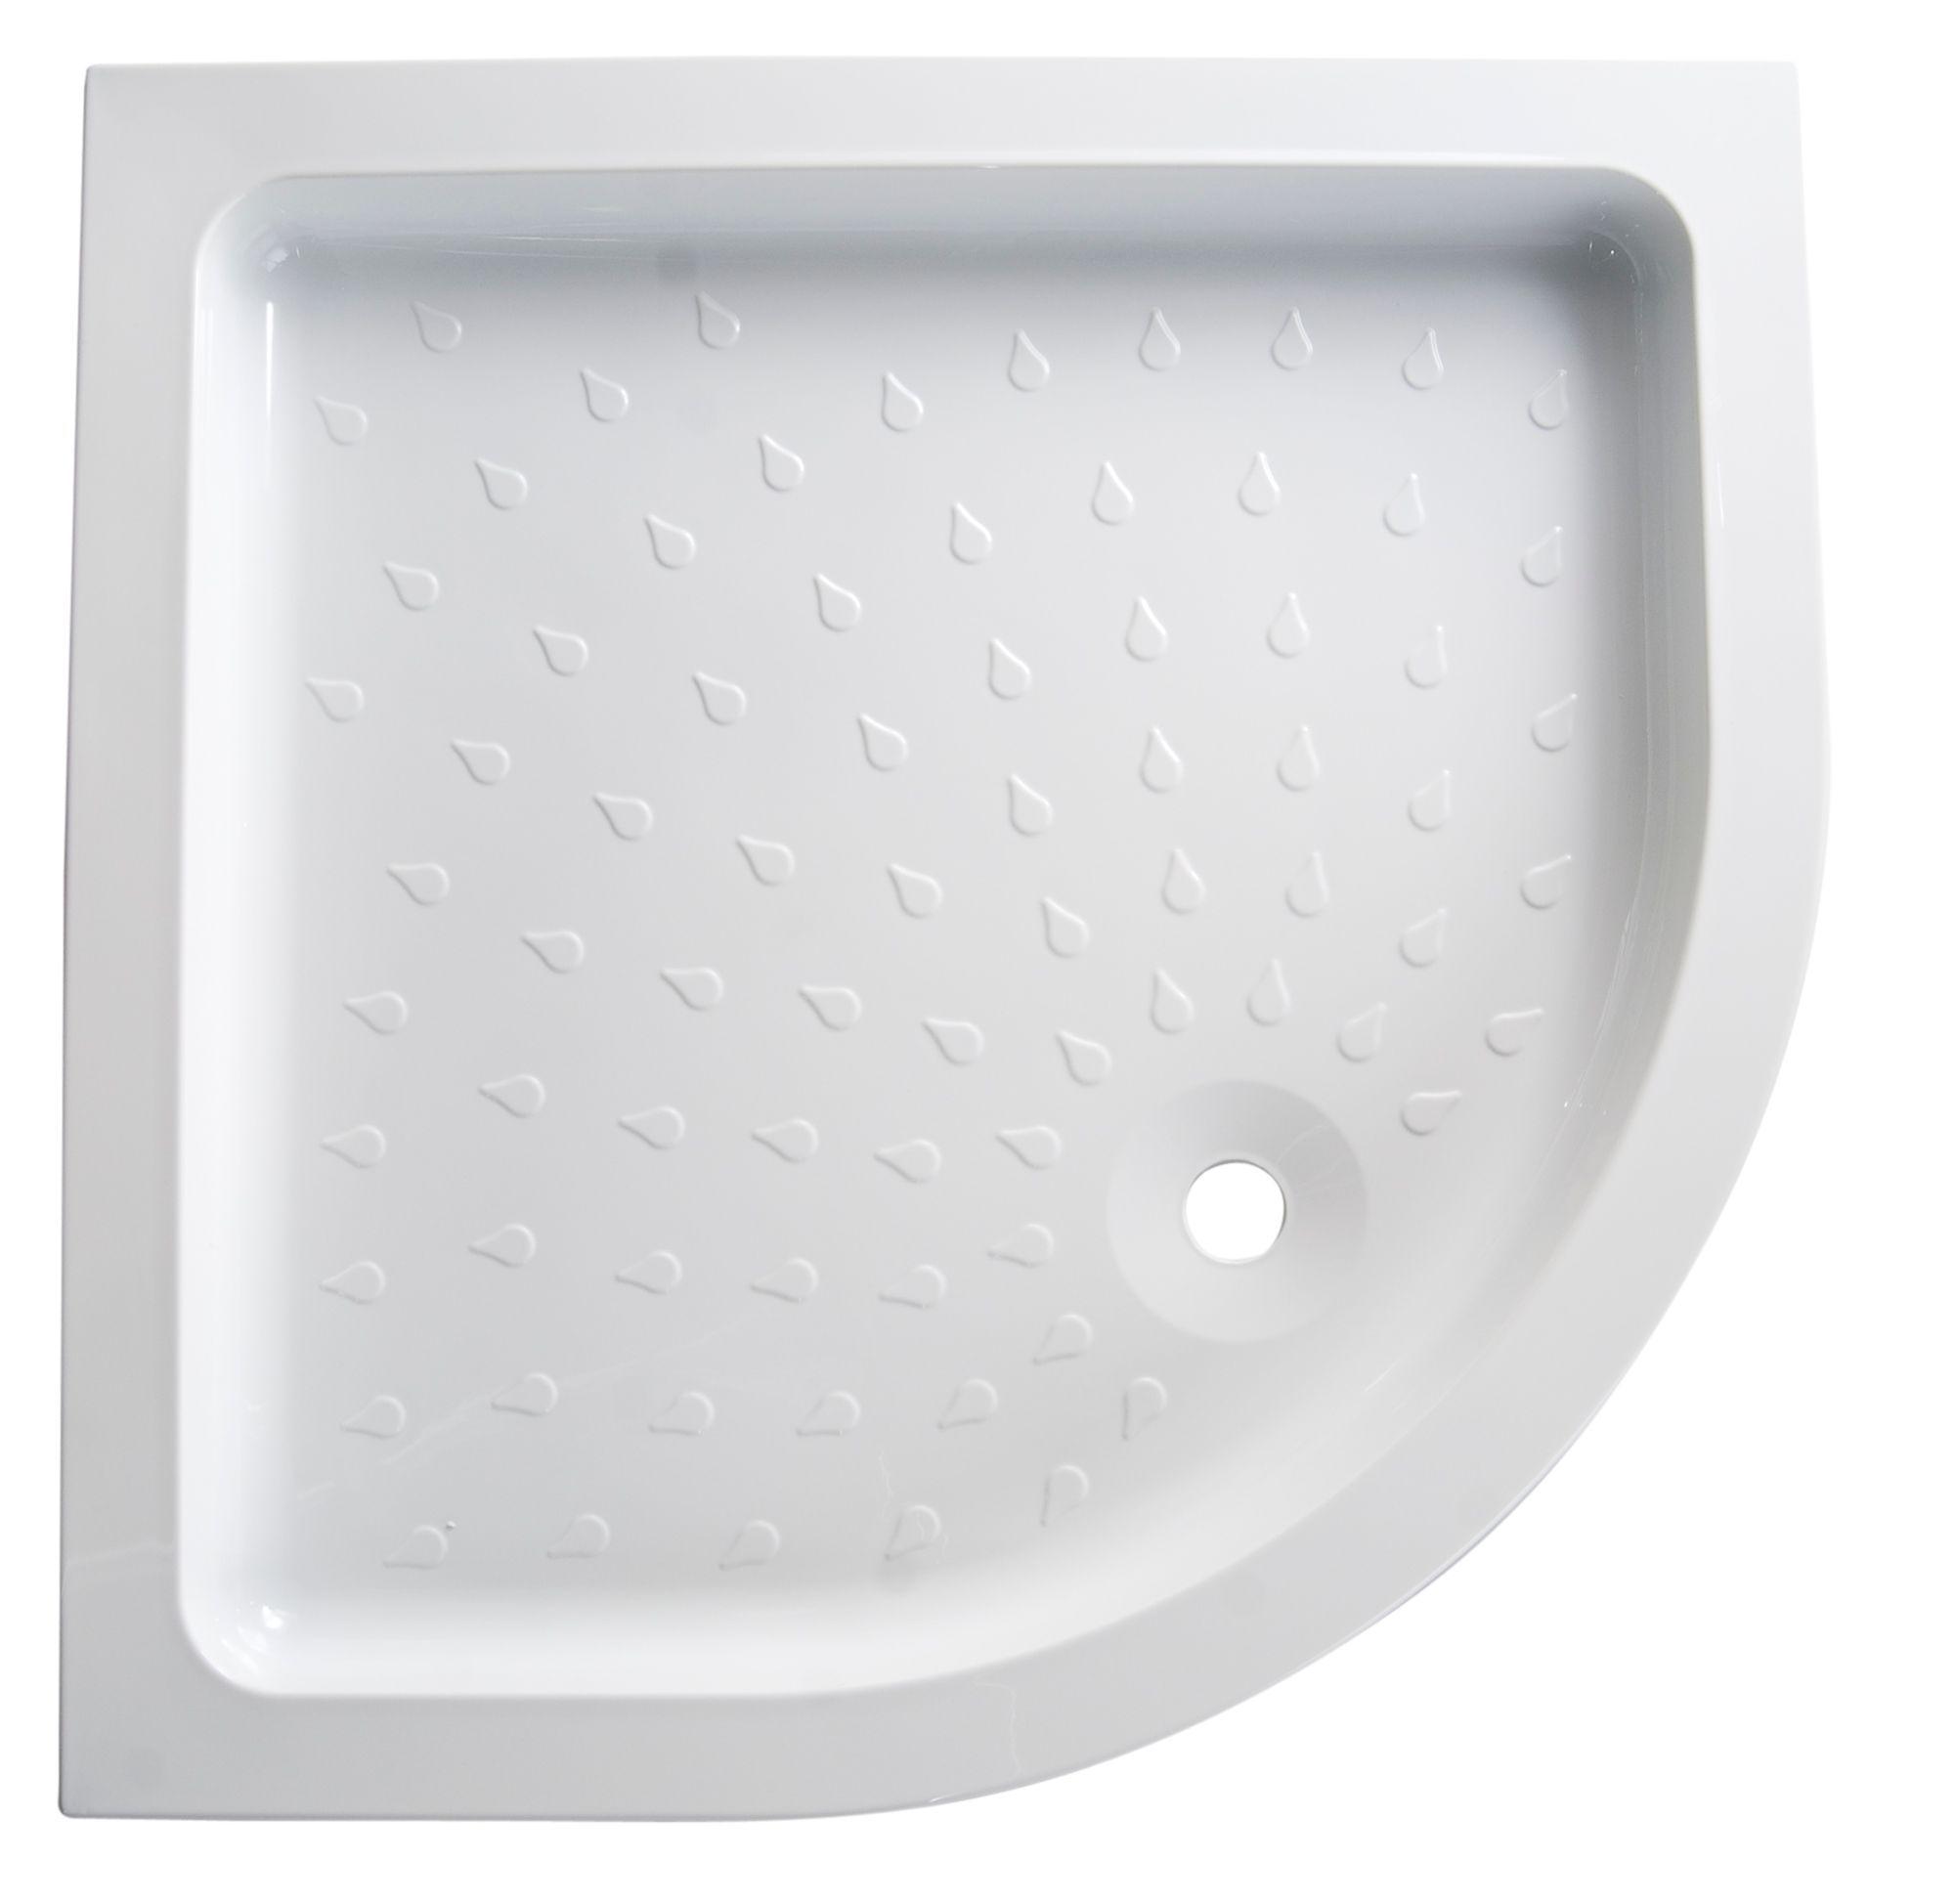 B Amp Q High Wall Quadrant Shower Tray L 900mm W 900mm D